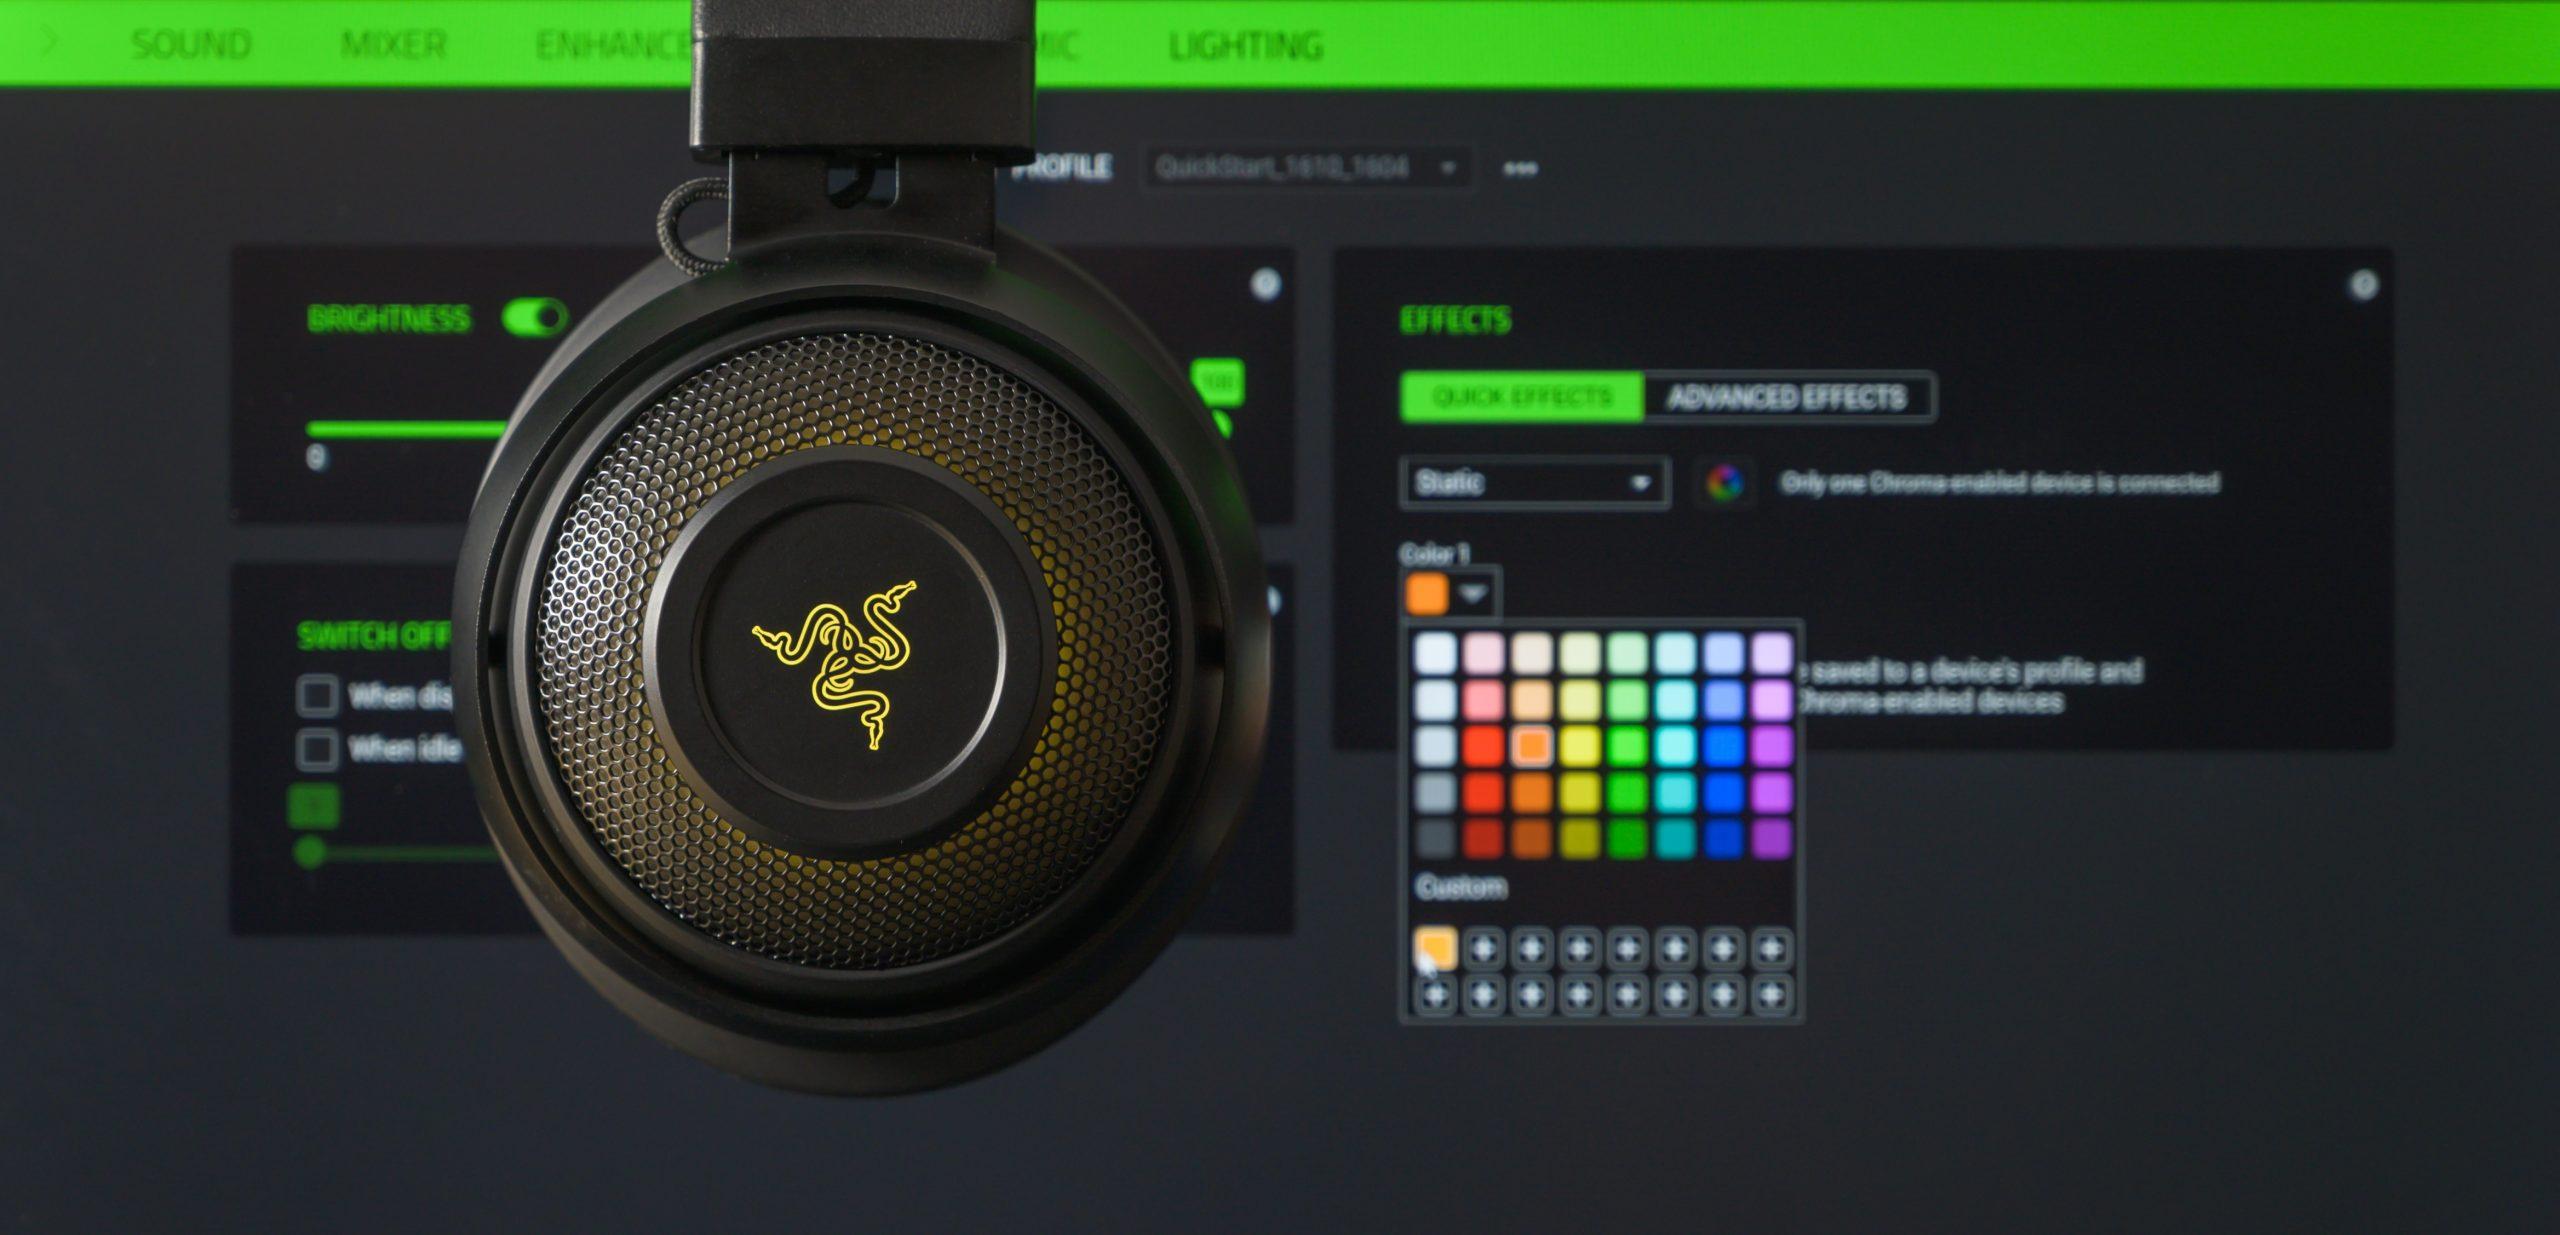 De RGB-verlichting van de Razer Kraken Ultimate naast de Razer Synapse 3-software, waarop te zien is dat de gekozen kleur en het daadwerkelijk licht niet goed overeenkomen.